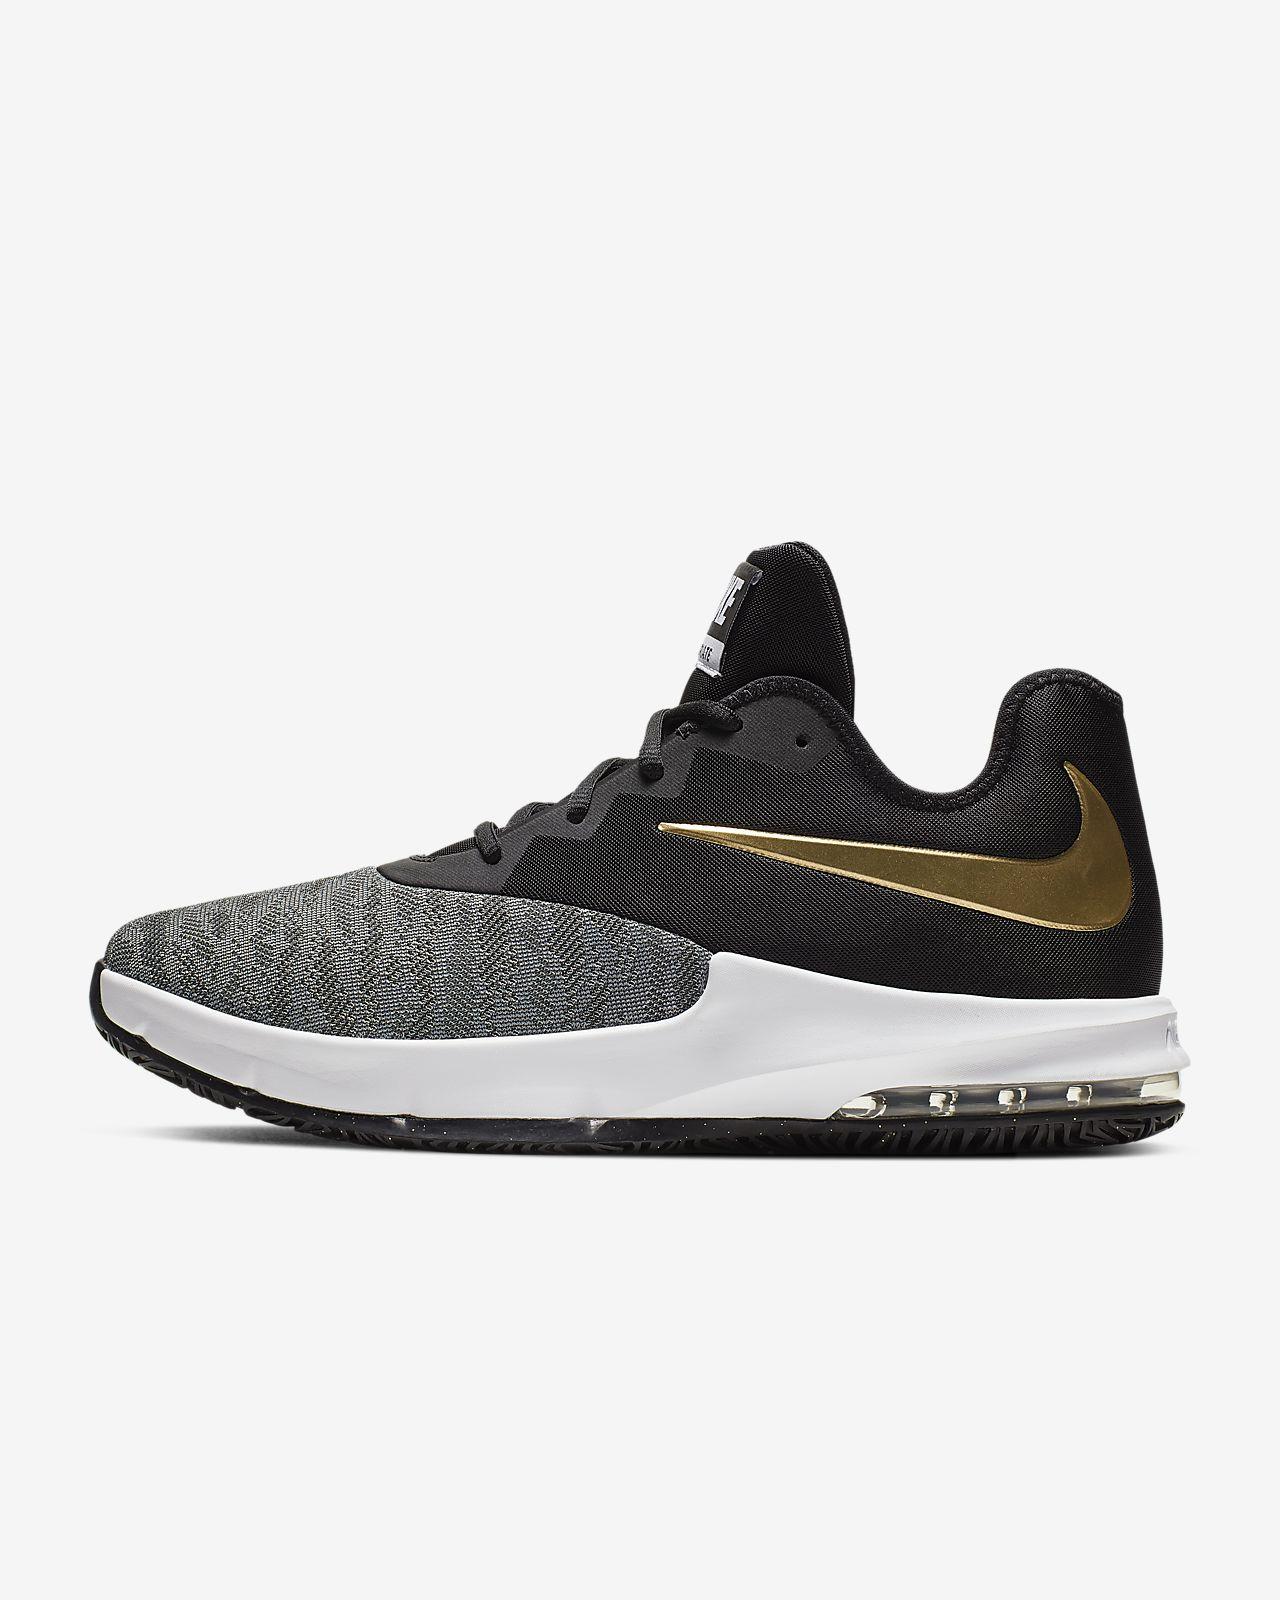 Nike Air Max Infuriate III Low 男款籃球鞋